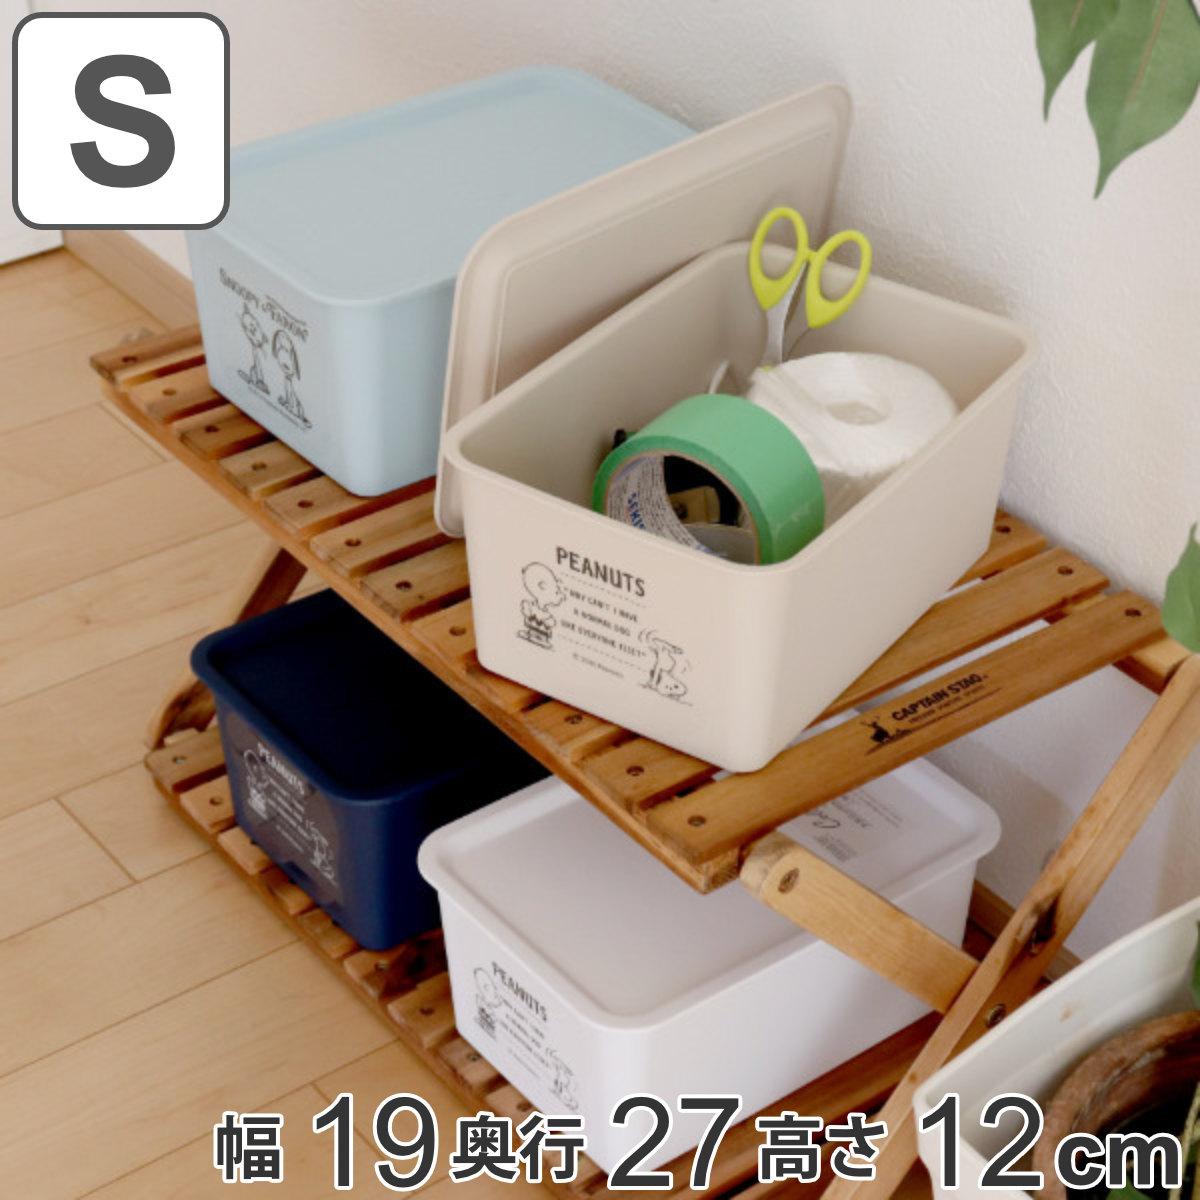 スヌーピー柄のかわいいフタ付きボックス 収納ボックス 幅19×奥行27×高さ12cm スヌーピー コレクトBOX S フタ付き 収納ケース 収納 プラスチック 日本製 小物 ふた付き おしゃれ 入れ 小物入れ 評価 ケース 小物ケース 永遠の定番 ボックス 小物収納